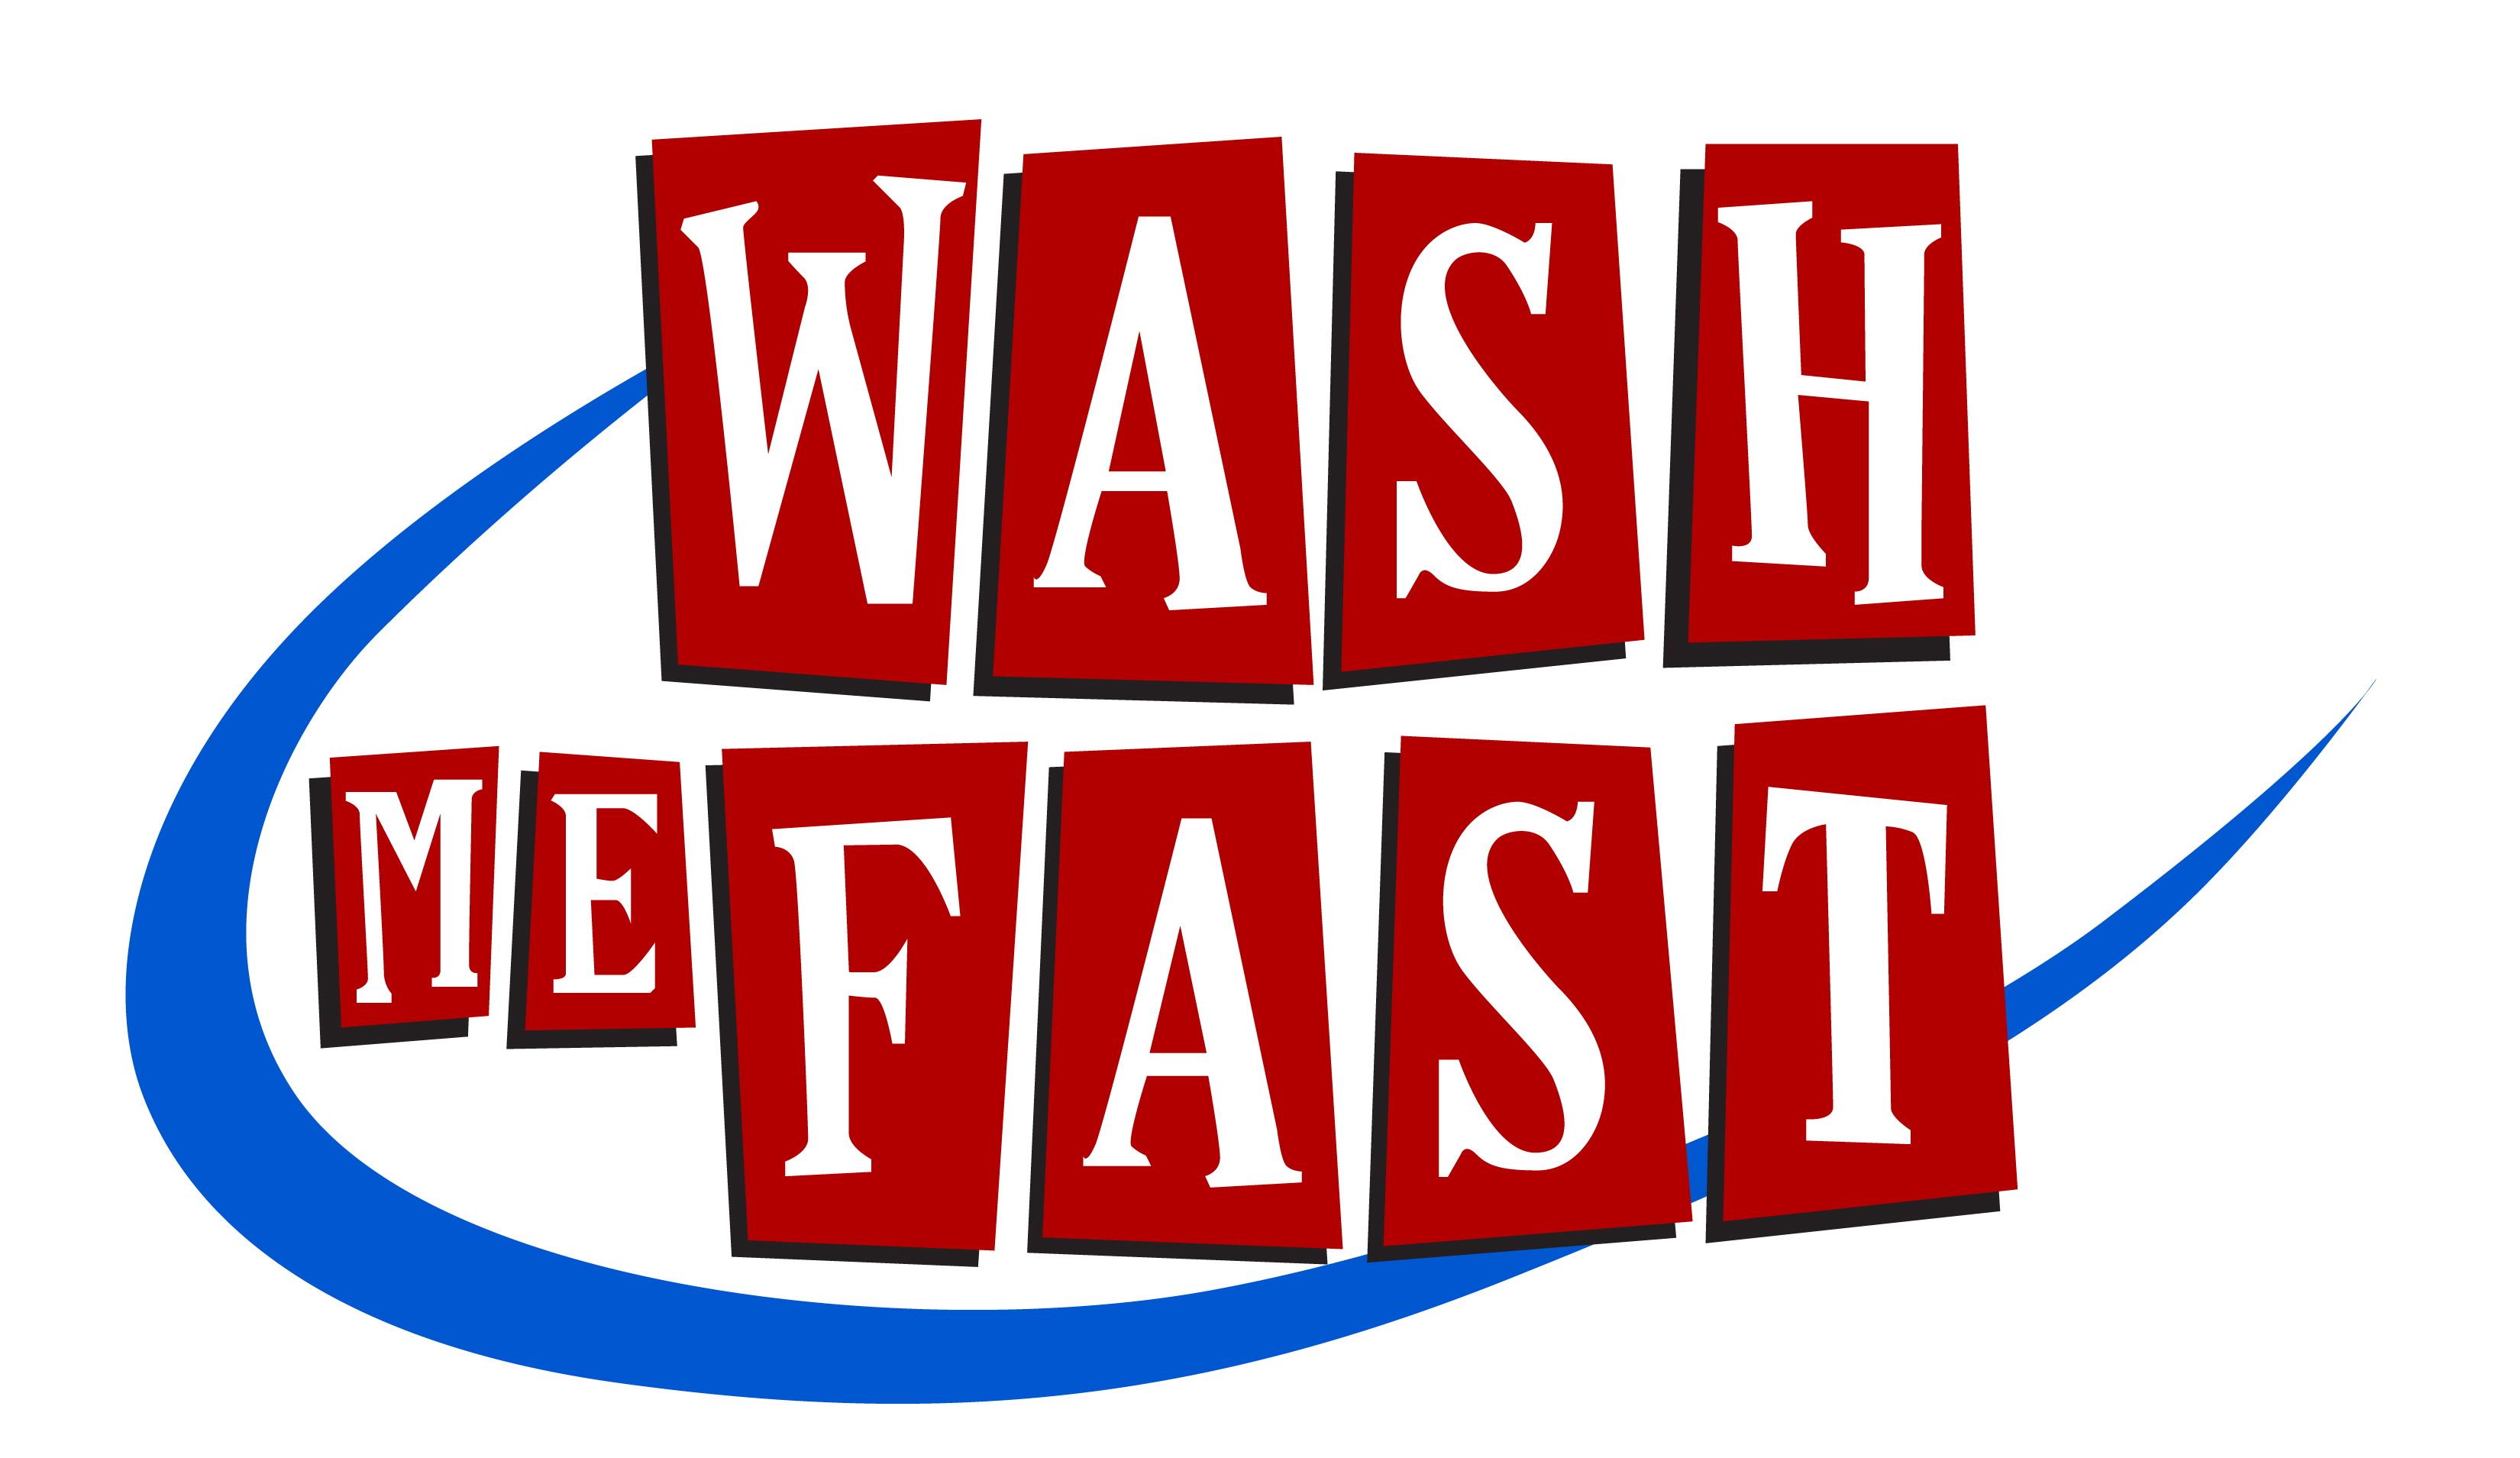 Clean, Fast, Fun Logo